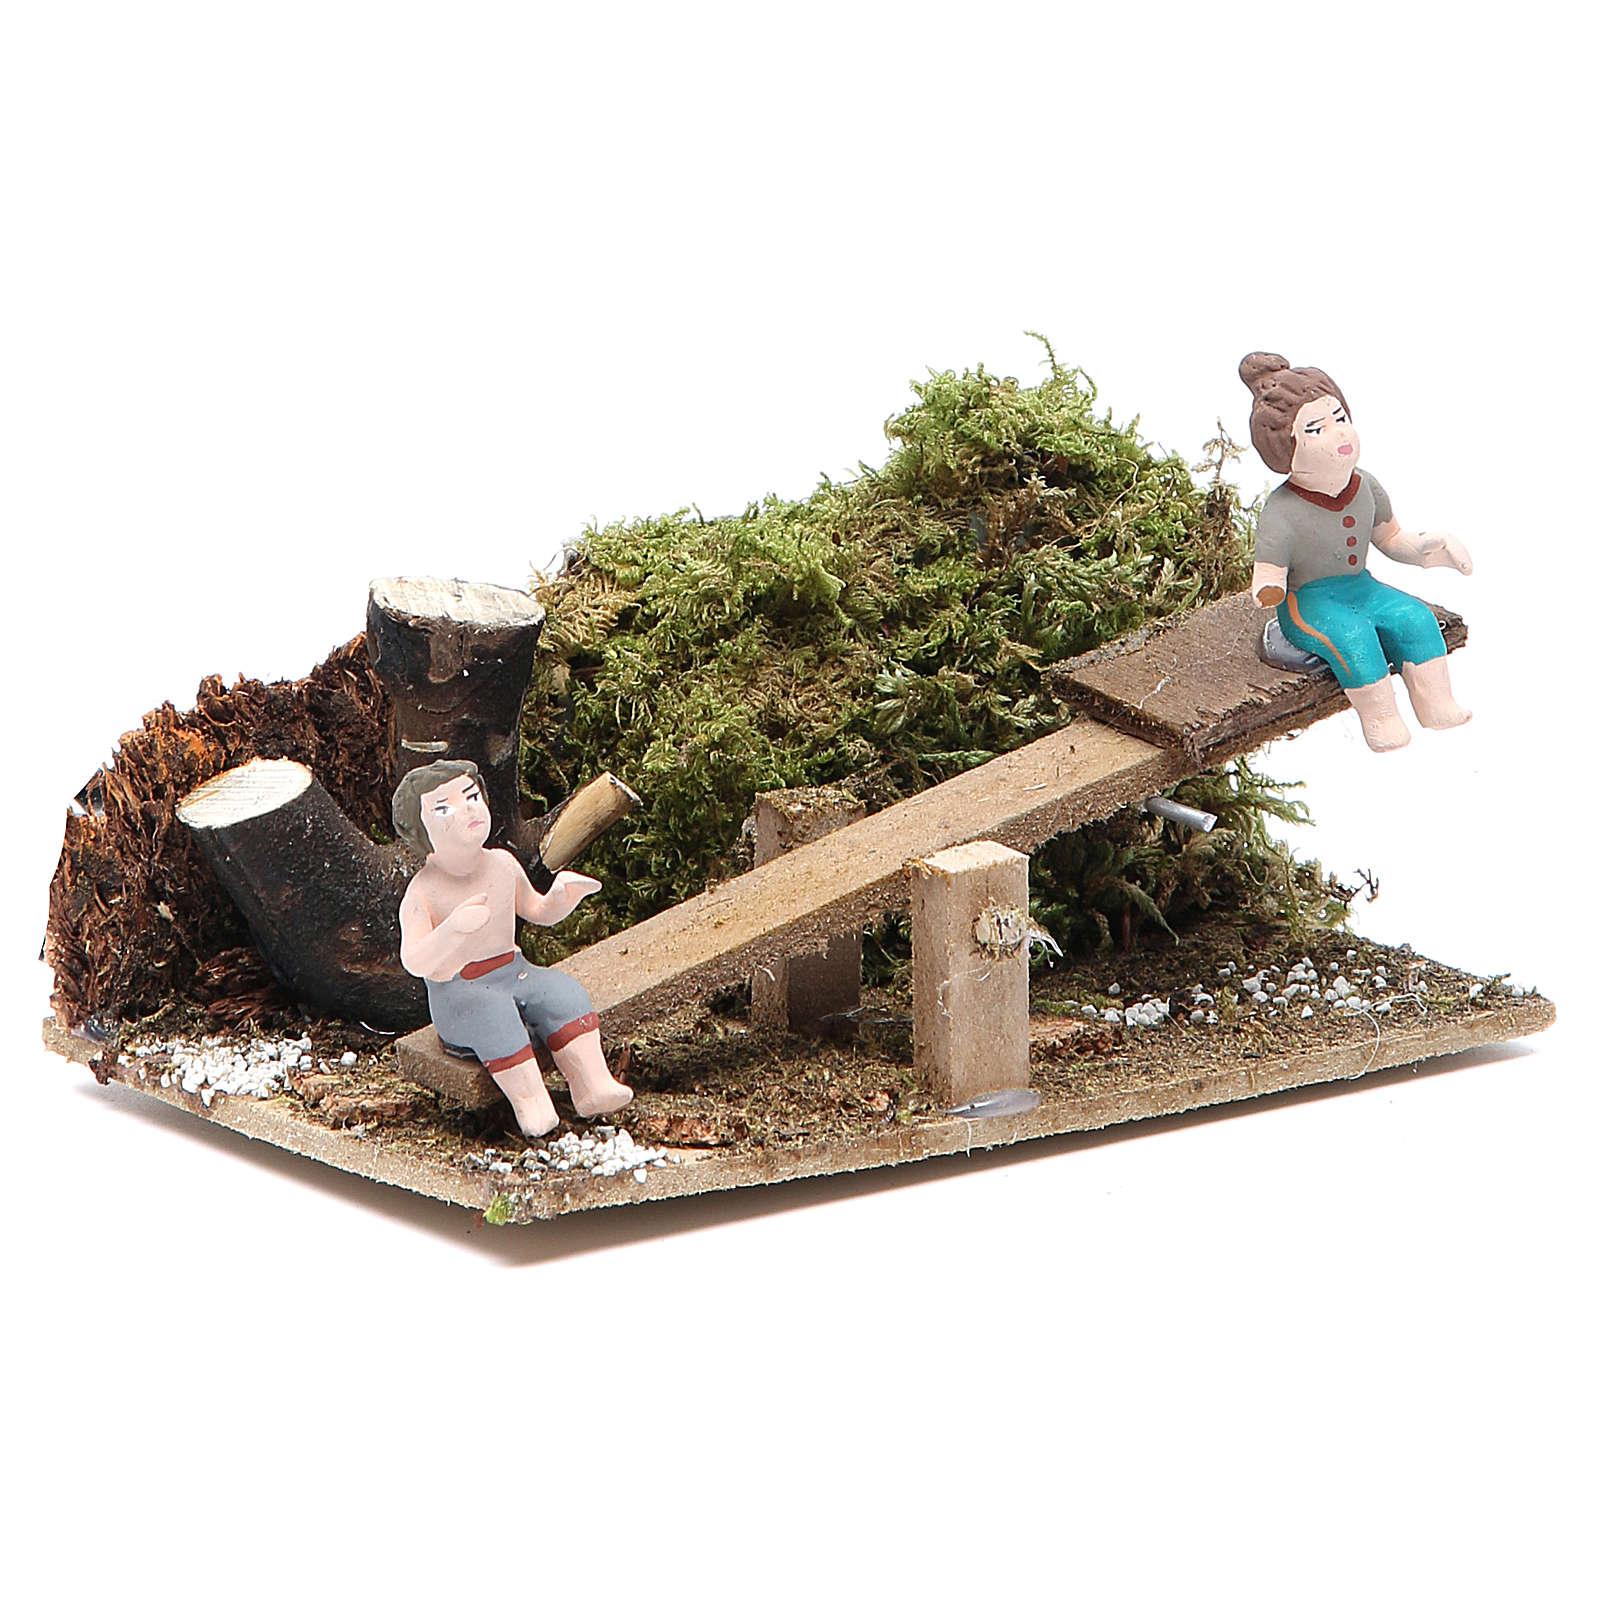 Garçon et fille 7 cm animation pour crèche 3